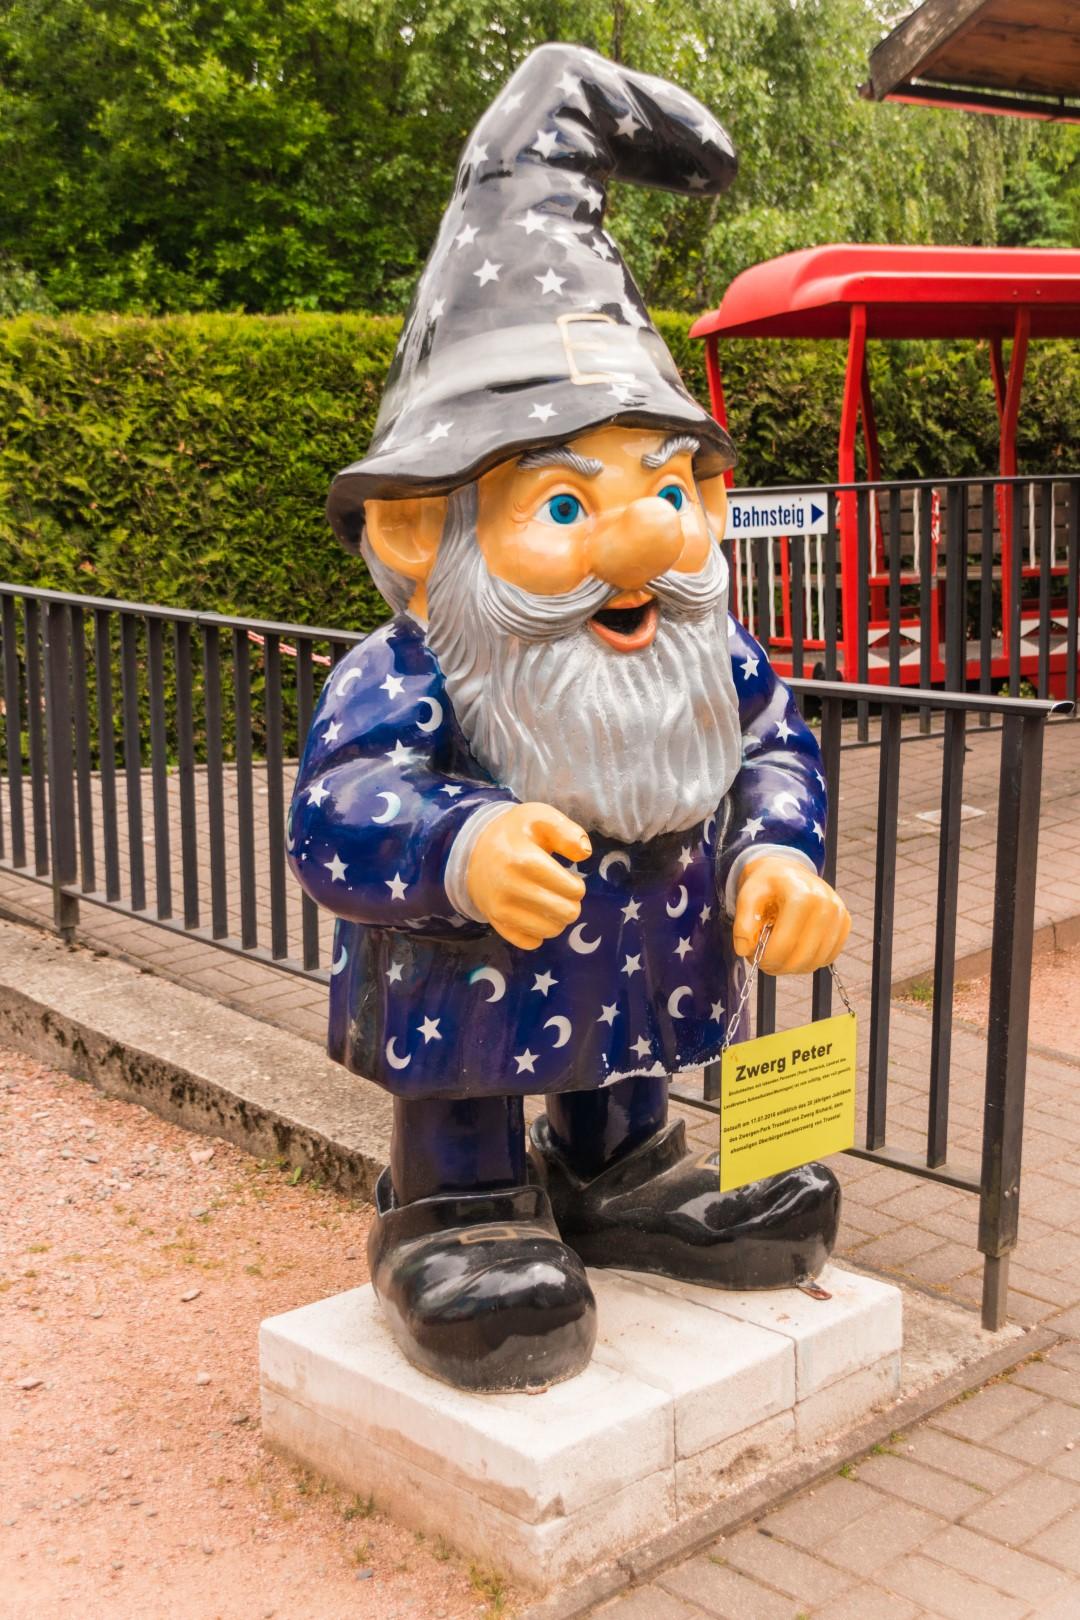 Zwergen Park